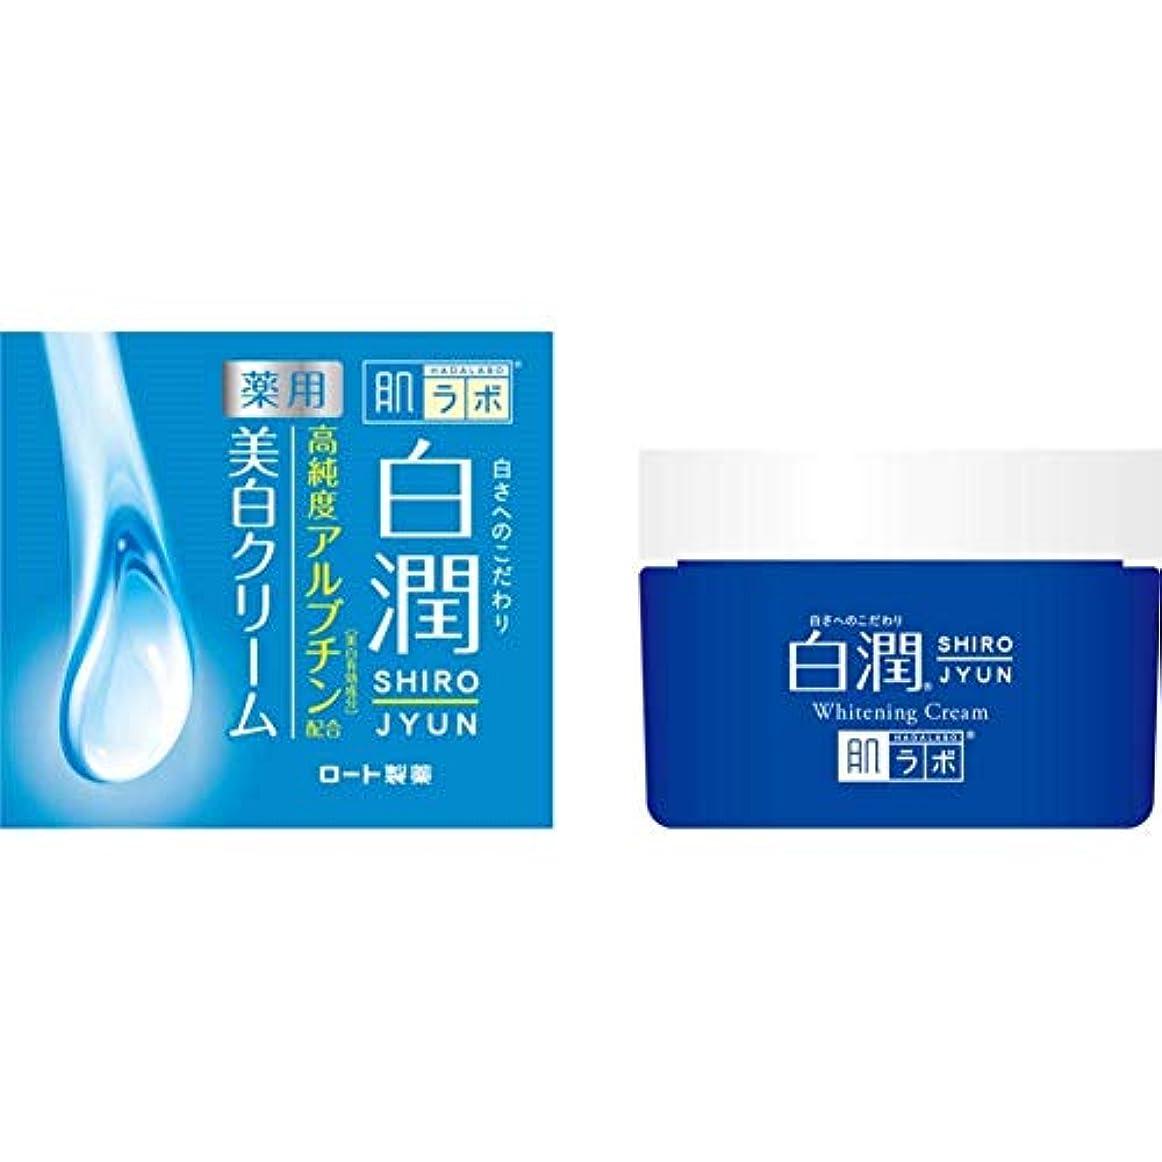 注入愛人平和な【ロート製薬】肌研 白潤薬用美白クリーム 50g(医薬部外品) ×3個セット